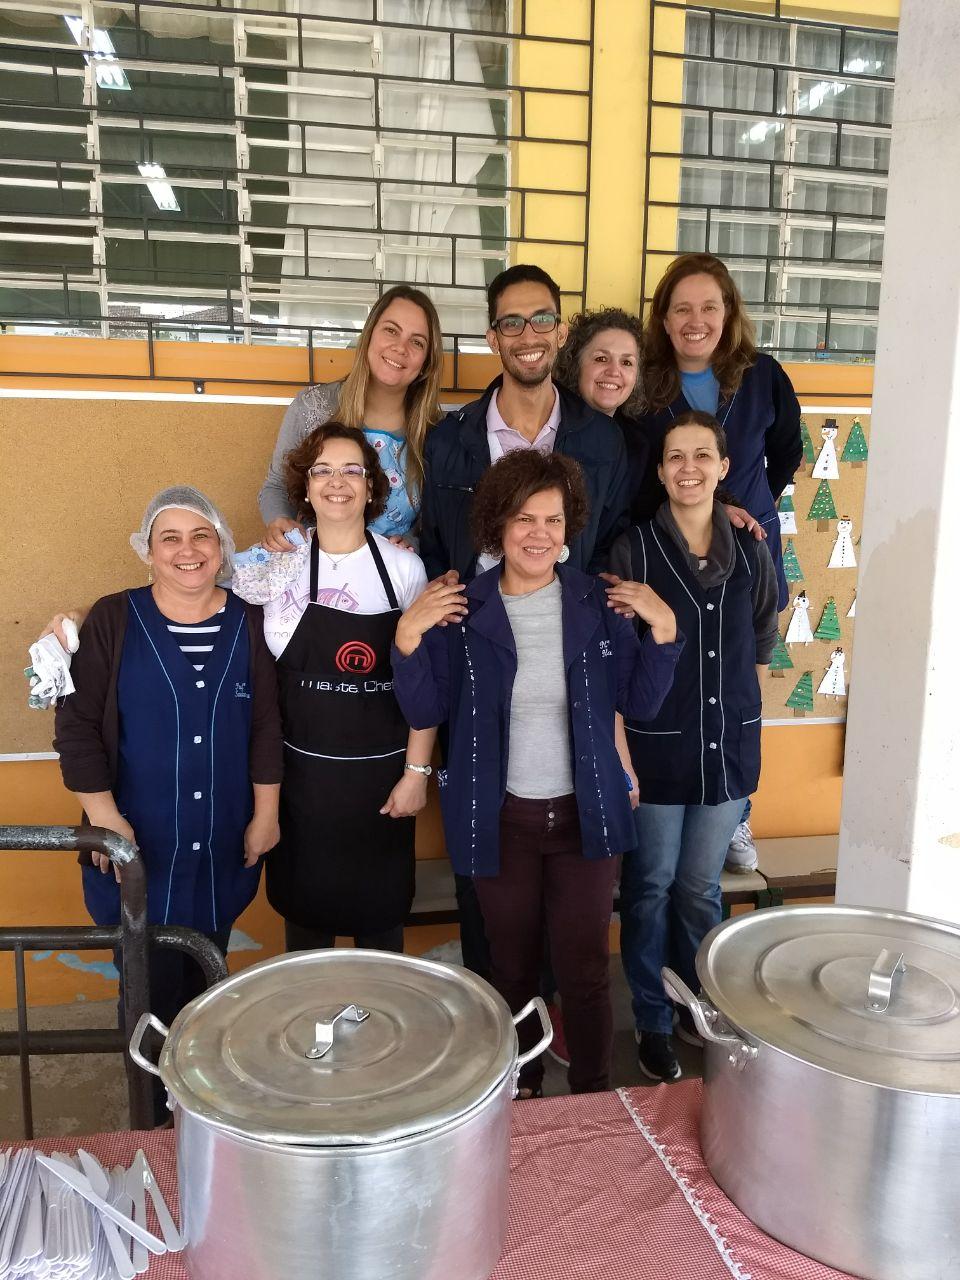 Equipe para organizar o almoço e servir os estudantes